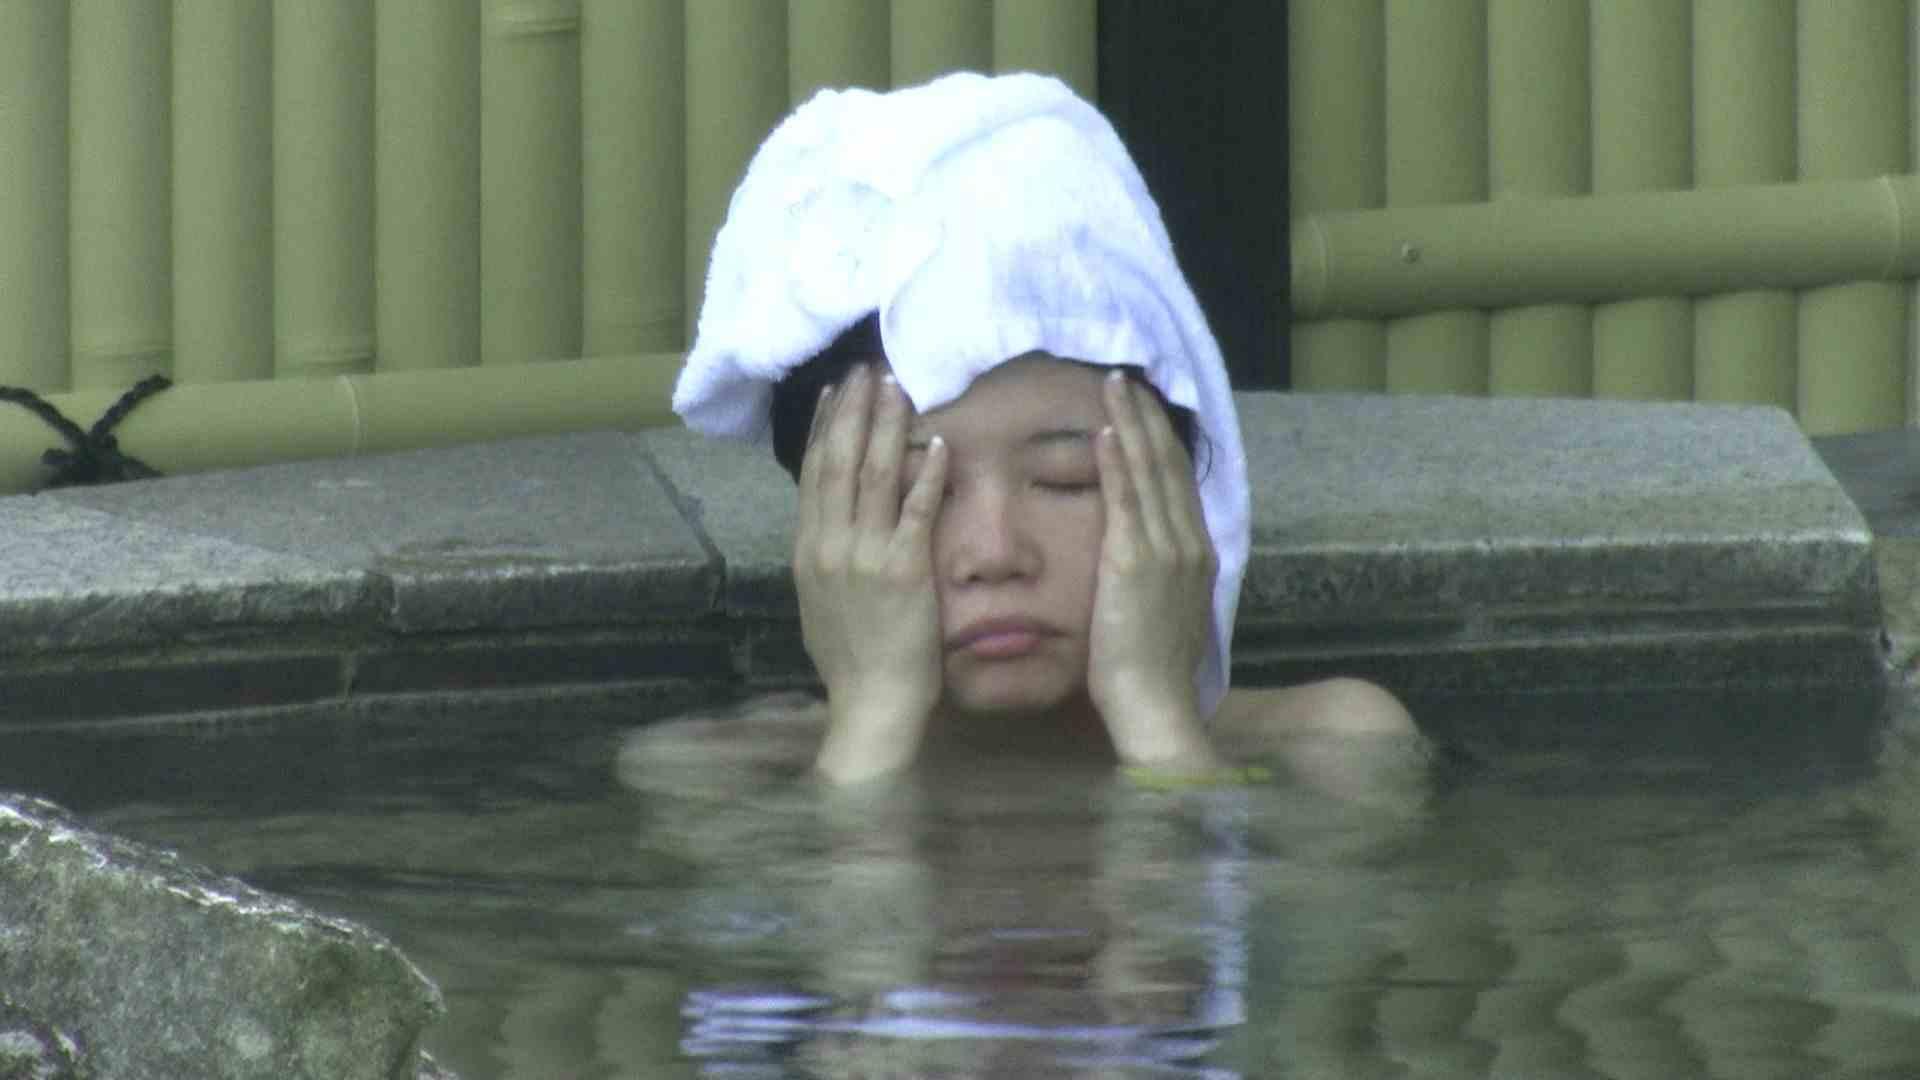 Aquaな露天風呂Vol.183 0   0  106pic 96